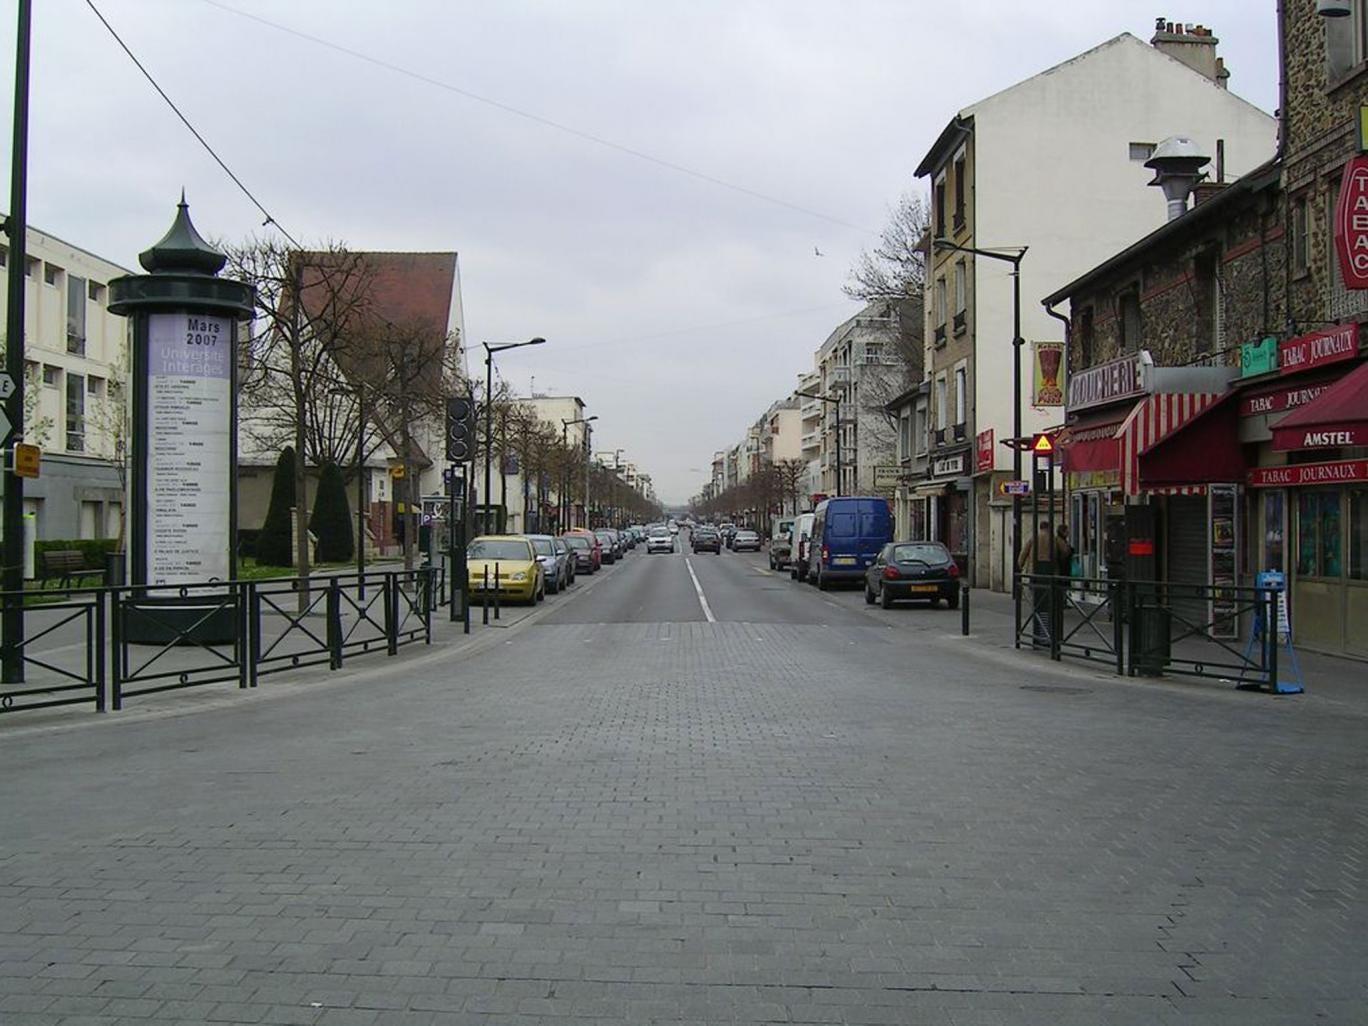 Avenue de la Resistance in an eastern suburb of Paris